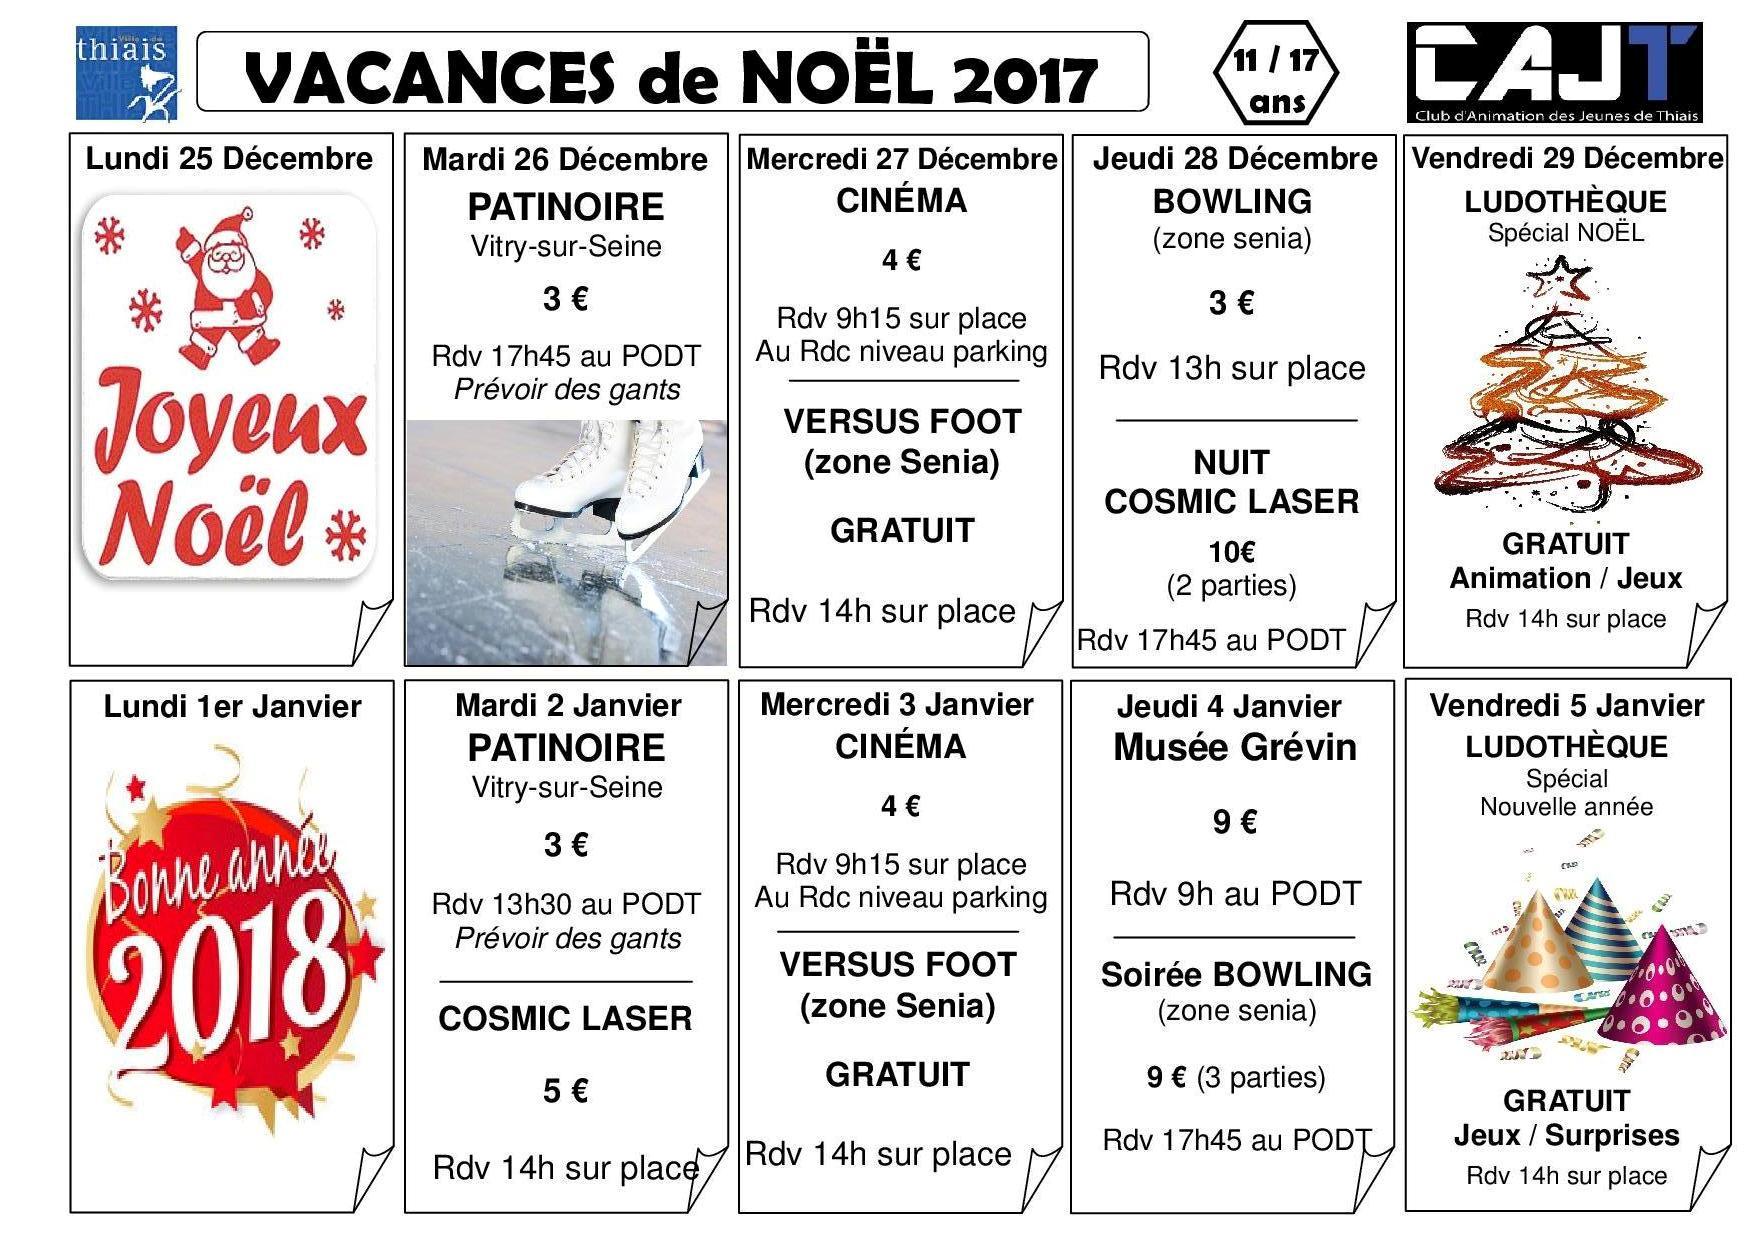 Planning vacances de no l 2017 club d 39 animation des jeunes de thiais - Date vacances noel 2017 ...